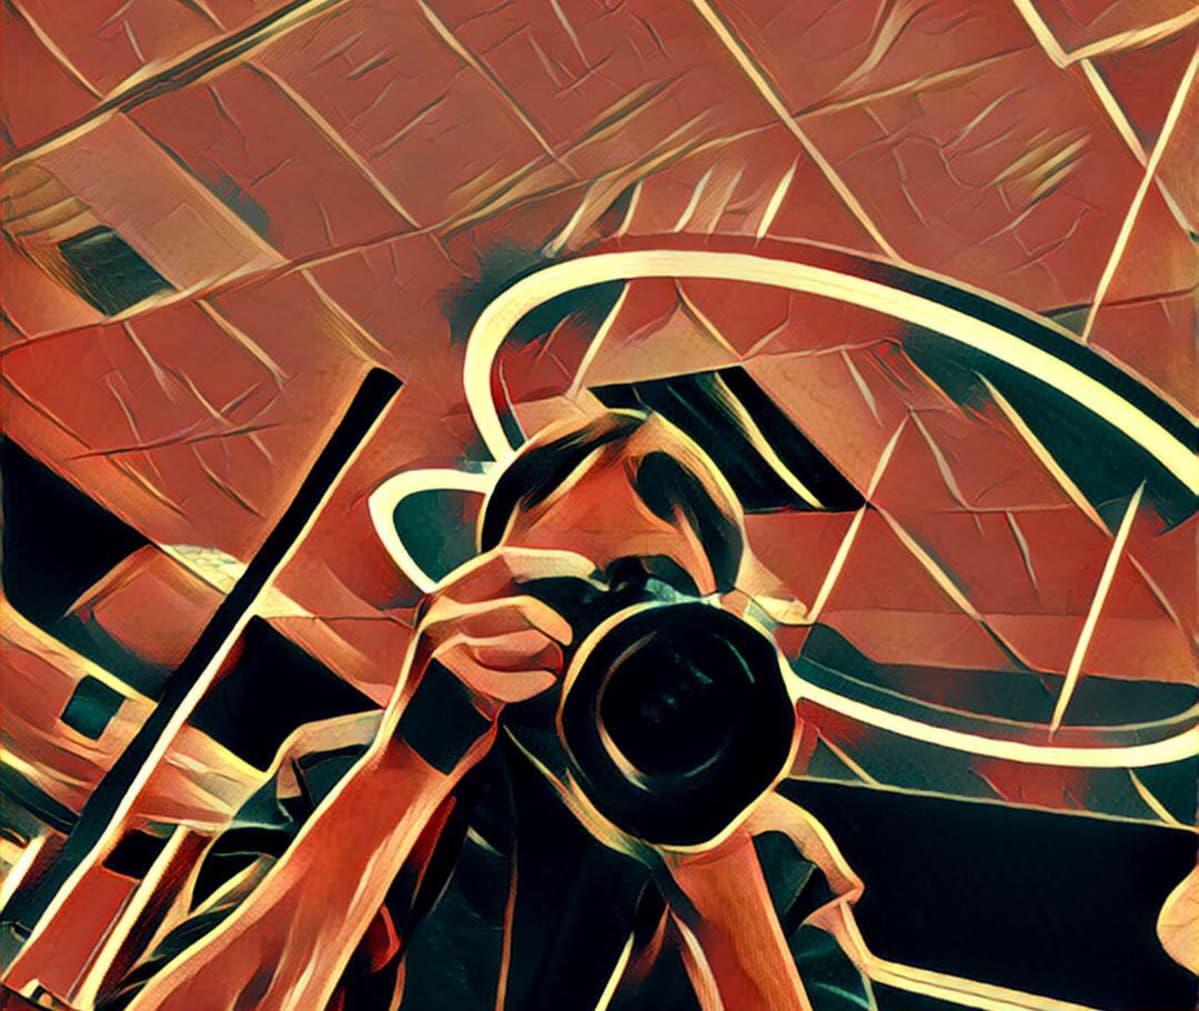 Prisma-sovelluksella otettu kuva.